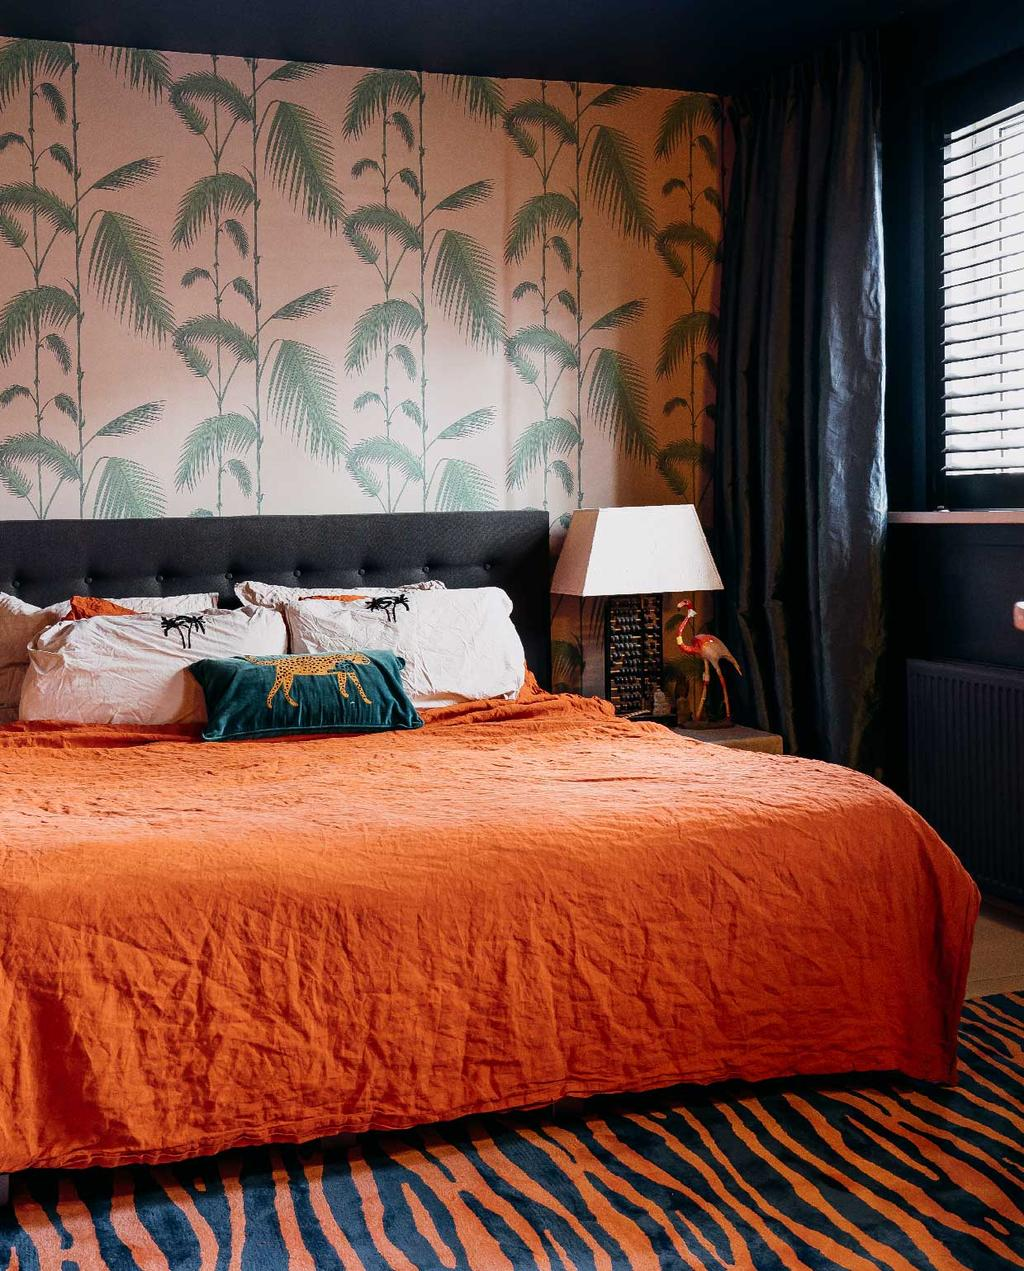 vtwonen 11-2020 | binnenkijken bont familiehuis Amsterdam zwoele slaapkamer met roze palm behang, terra bedsprei en rood tijgerprint vloerkleed